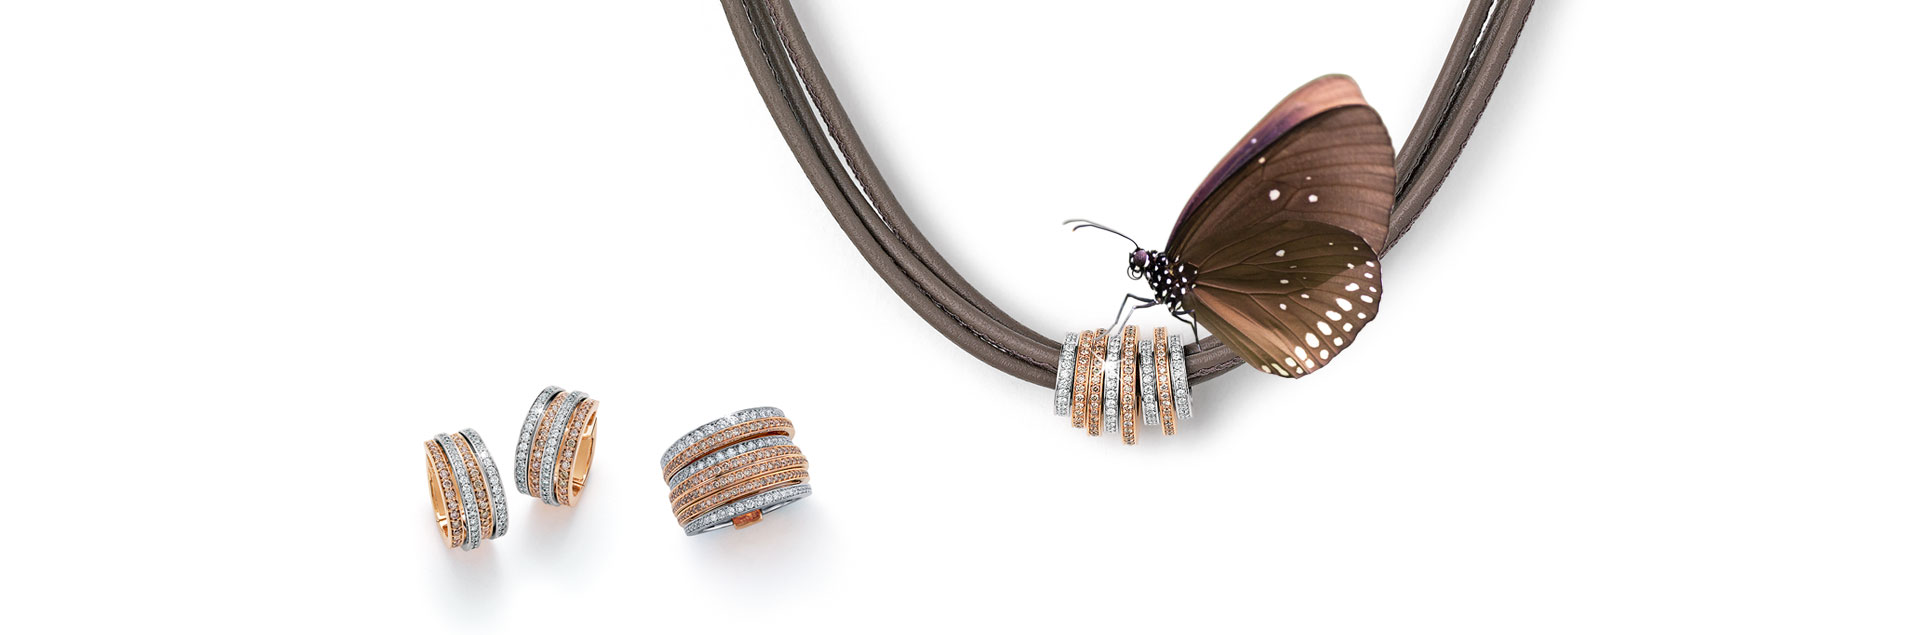 181120_noor-by-wurster-diamonds_Collier_Creolen_Ring_Schmetterling